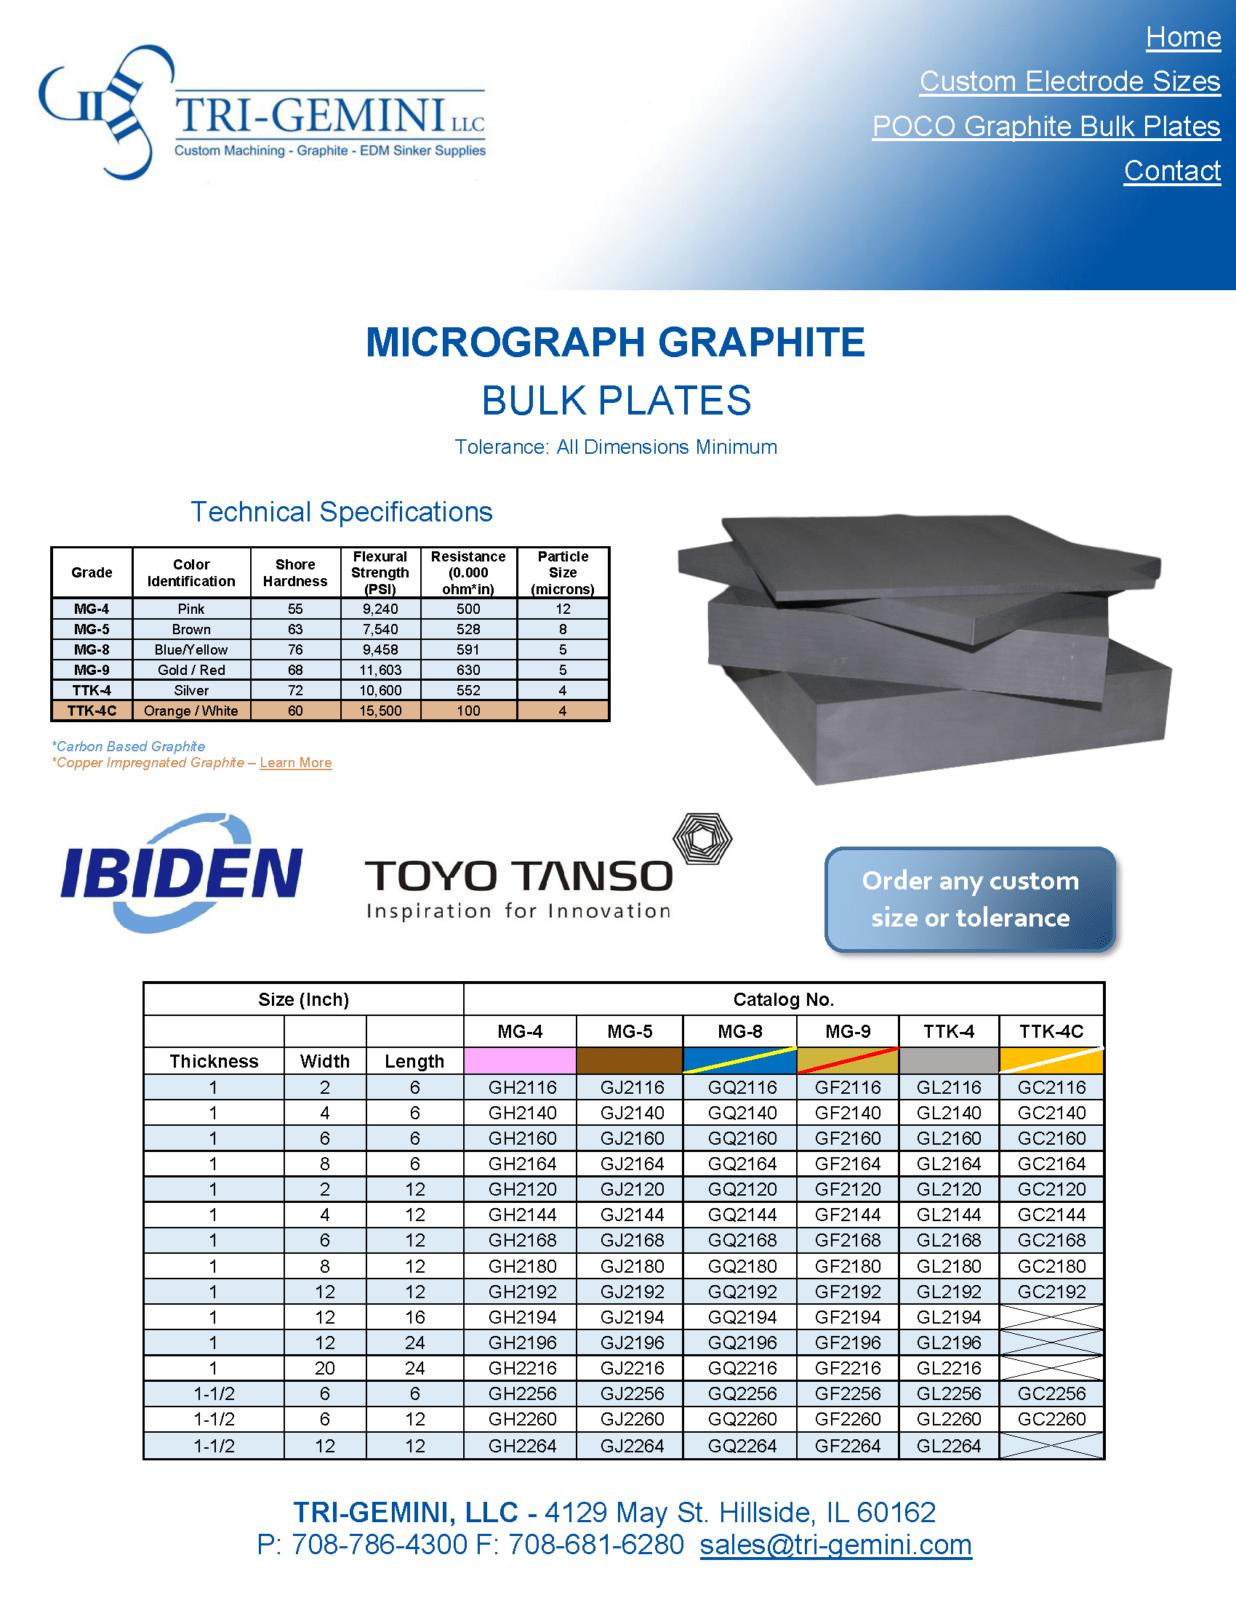 MicroGraph Bulk Plates Toyo Tanso Bulk Plates